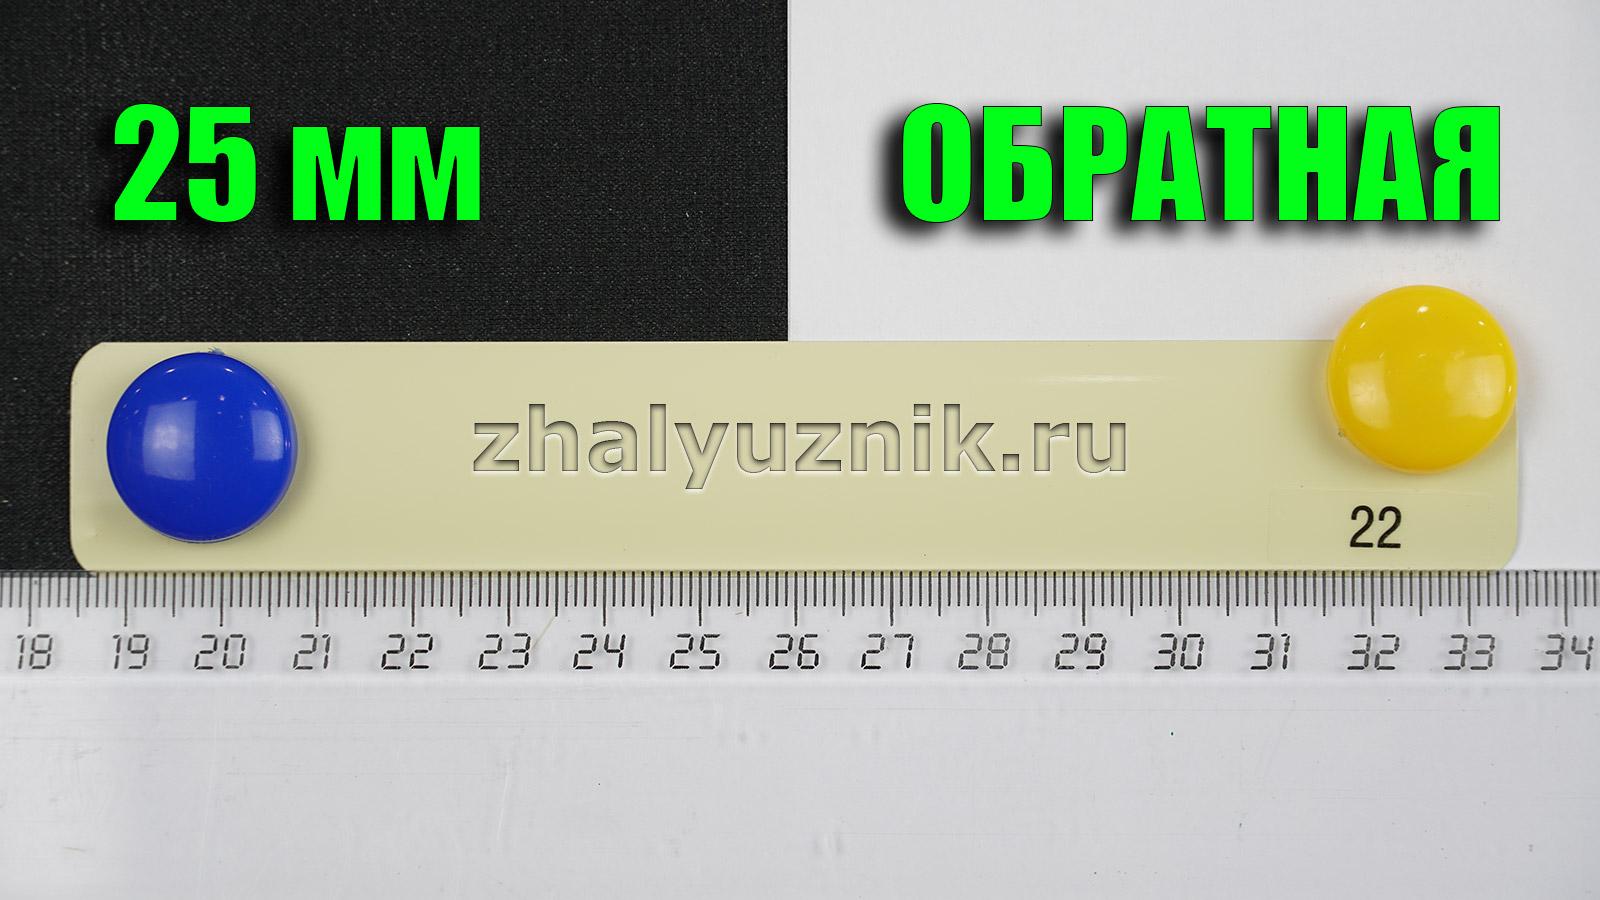 Горизонтальные жалюзи ИЗОТРА ХИТ-2 с ламелями-25 мм, цвет бежевый, глянец, артикул-22 (Интерсклад)